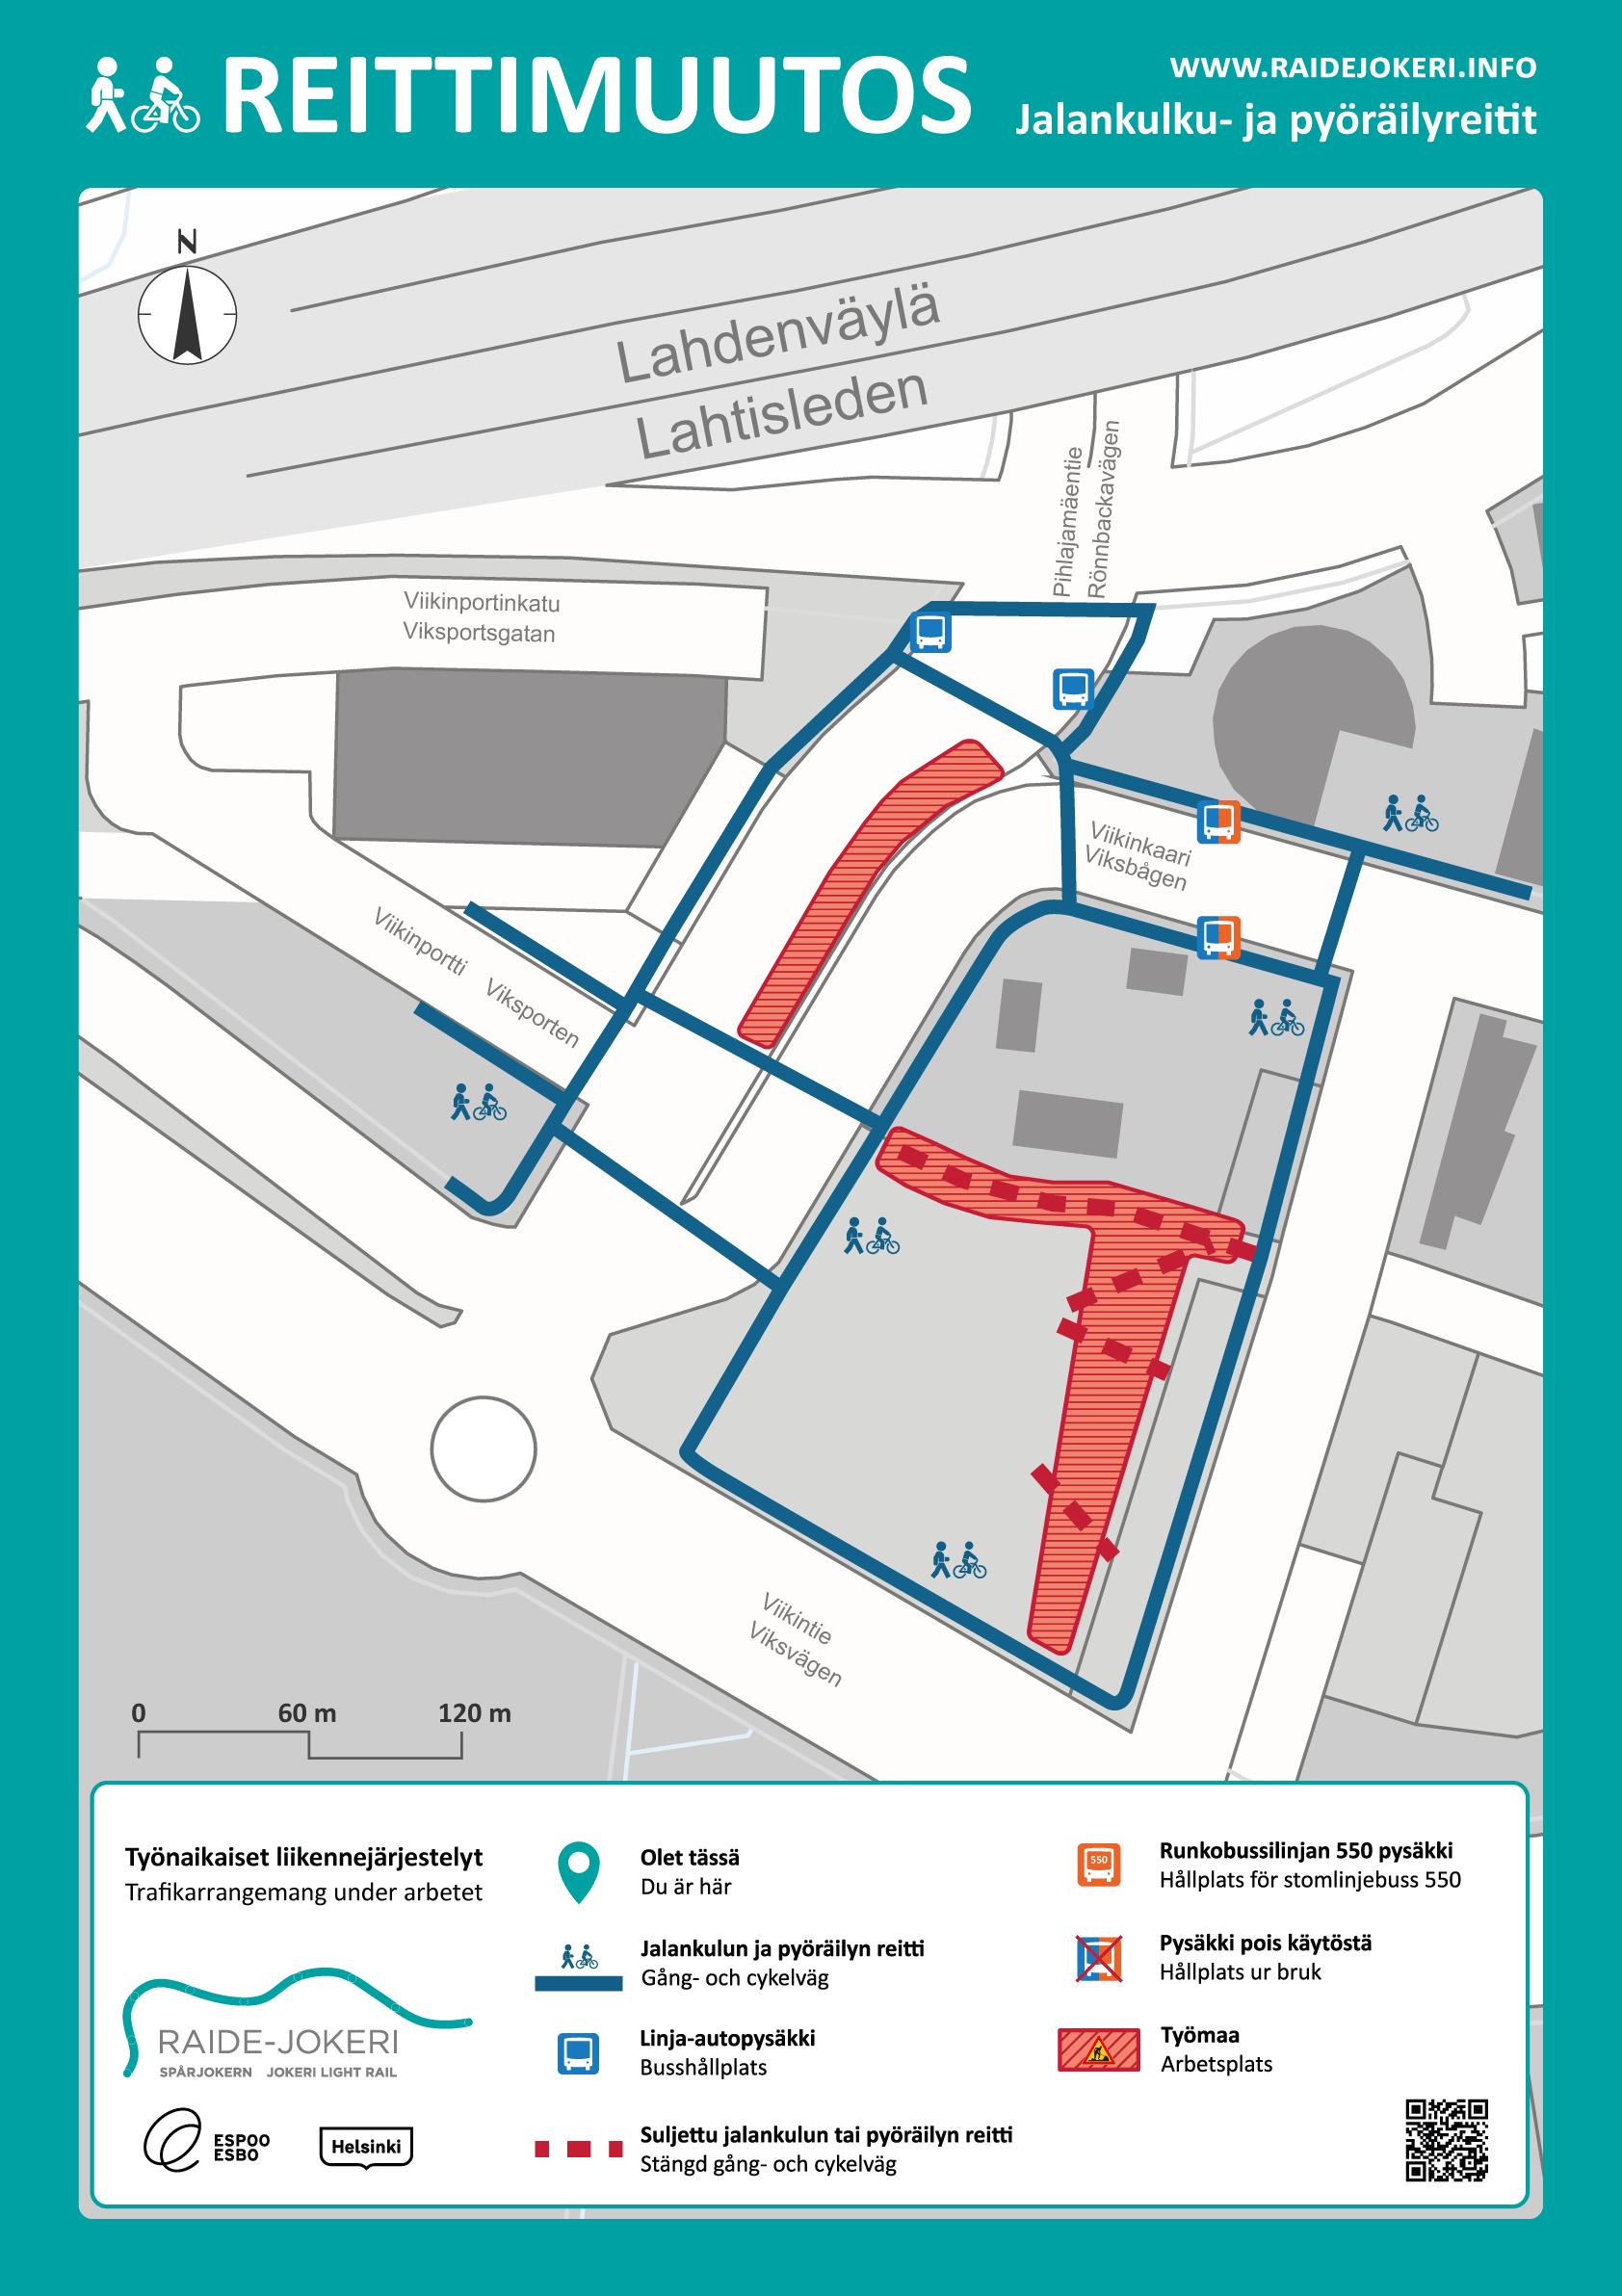 Reittimuutokset Maaherranpuiston alueella karttakuvassa.